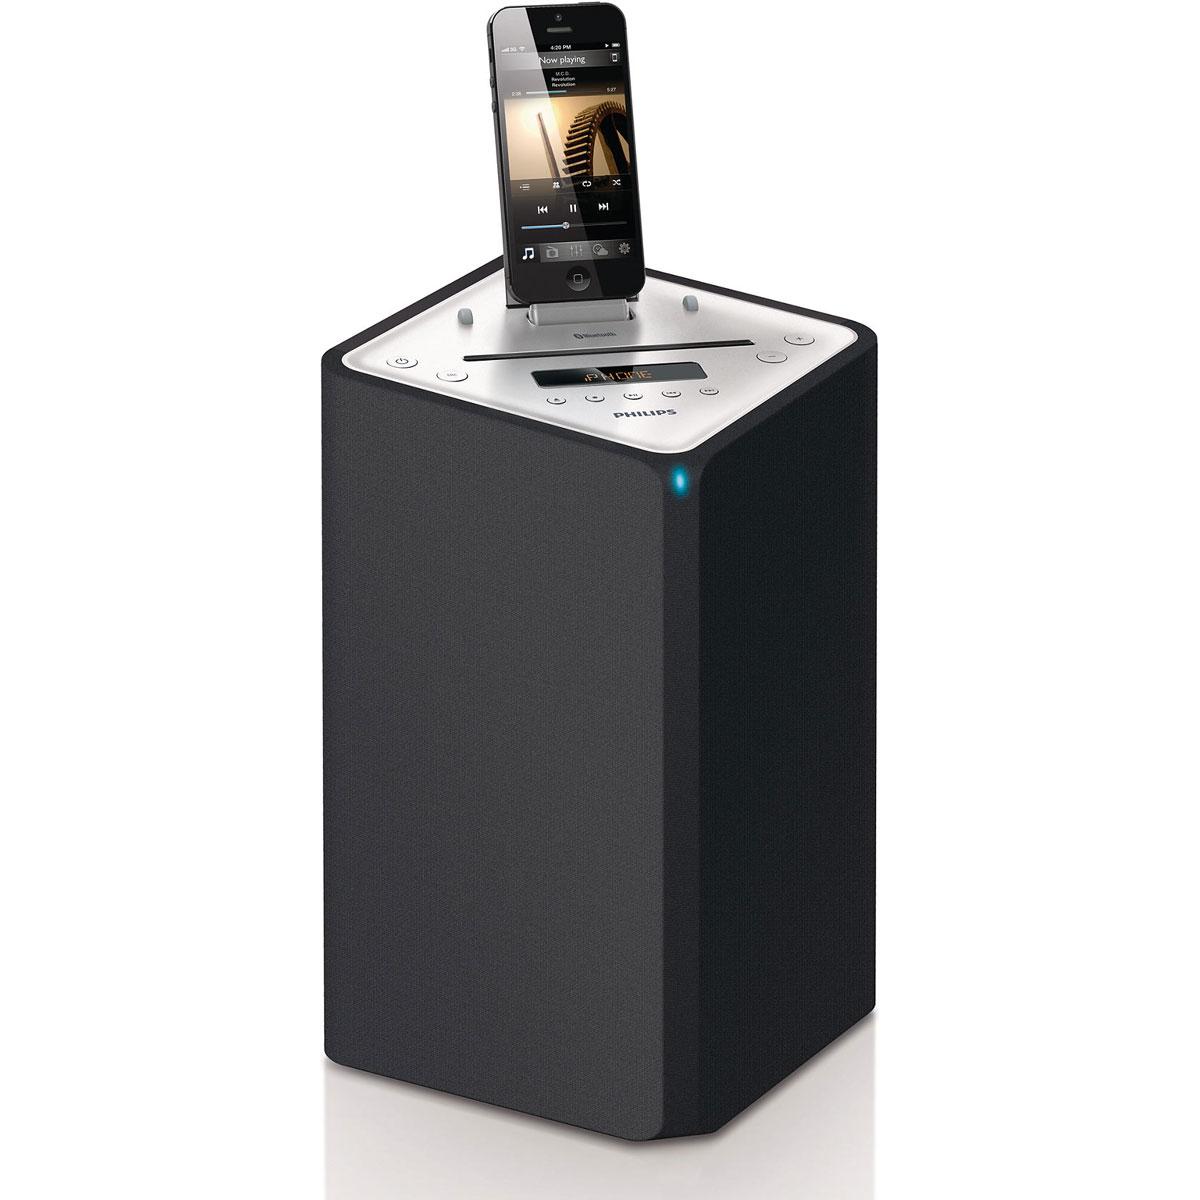 Dock & Enceinte Bluetooth Philips DTM3155 Station d'accueil Bluetooth avec connecteur Lightning pour iPod/iPhone